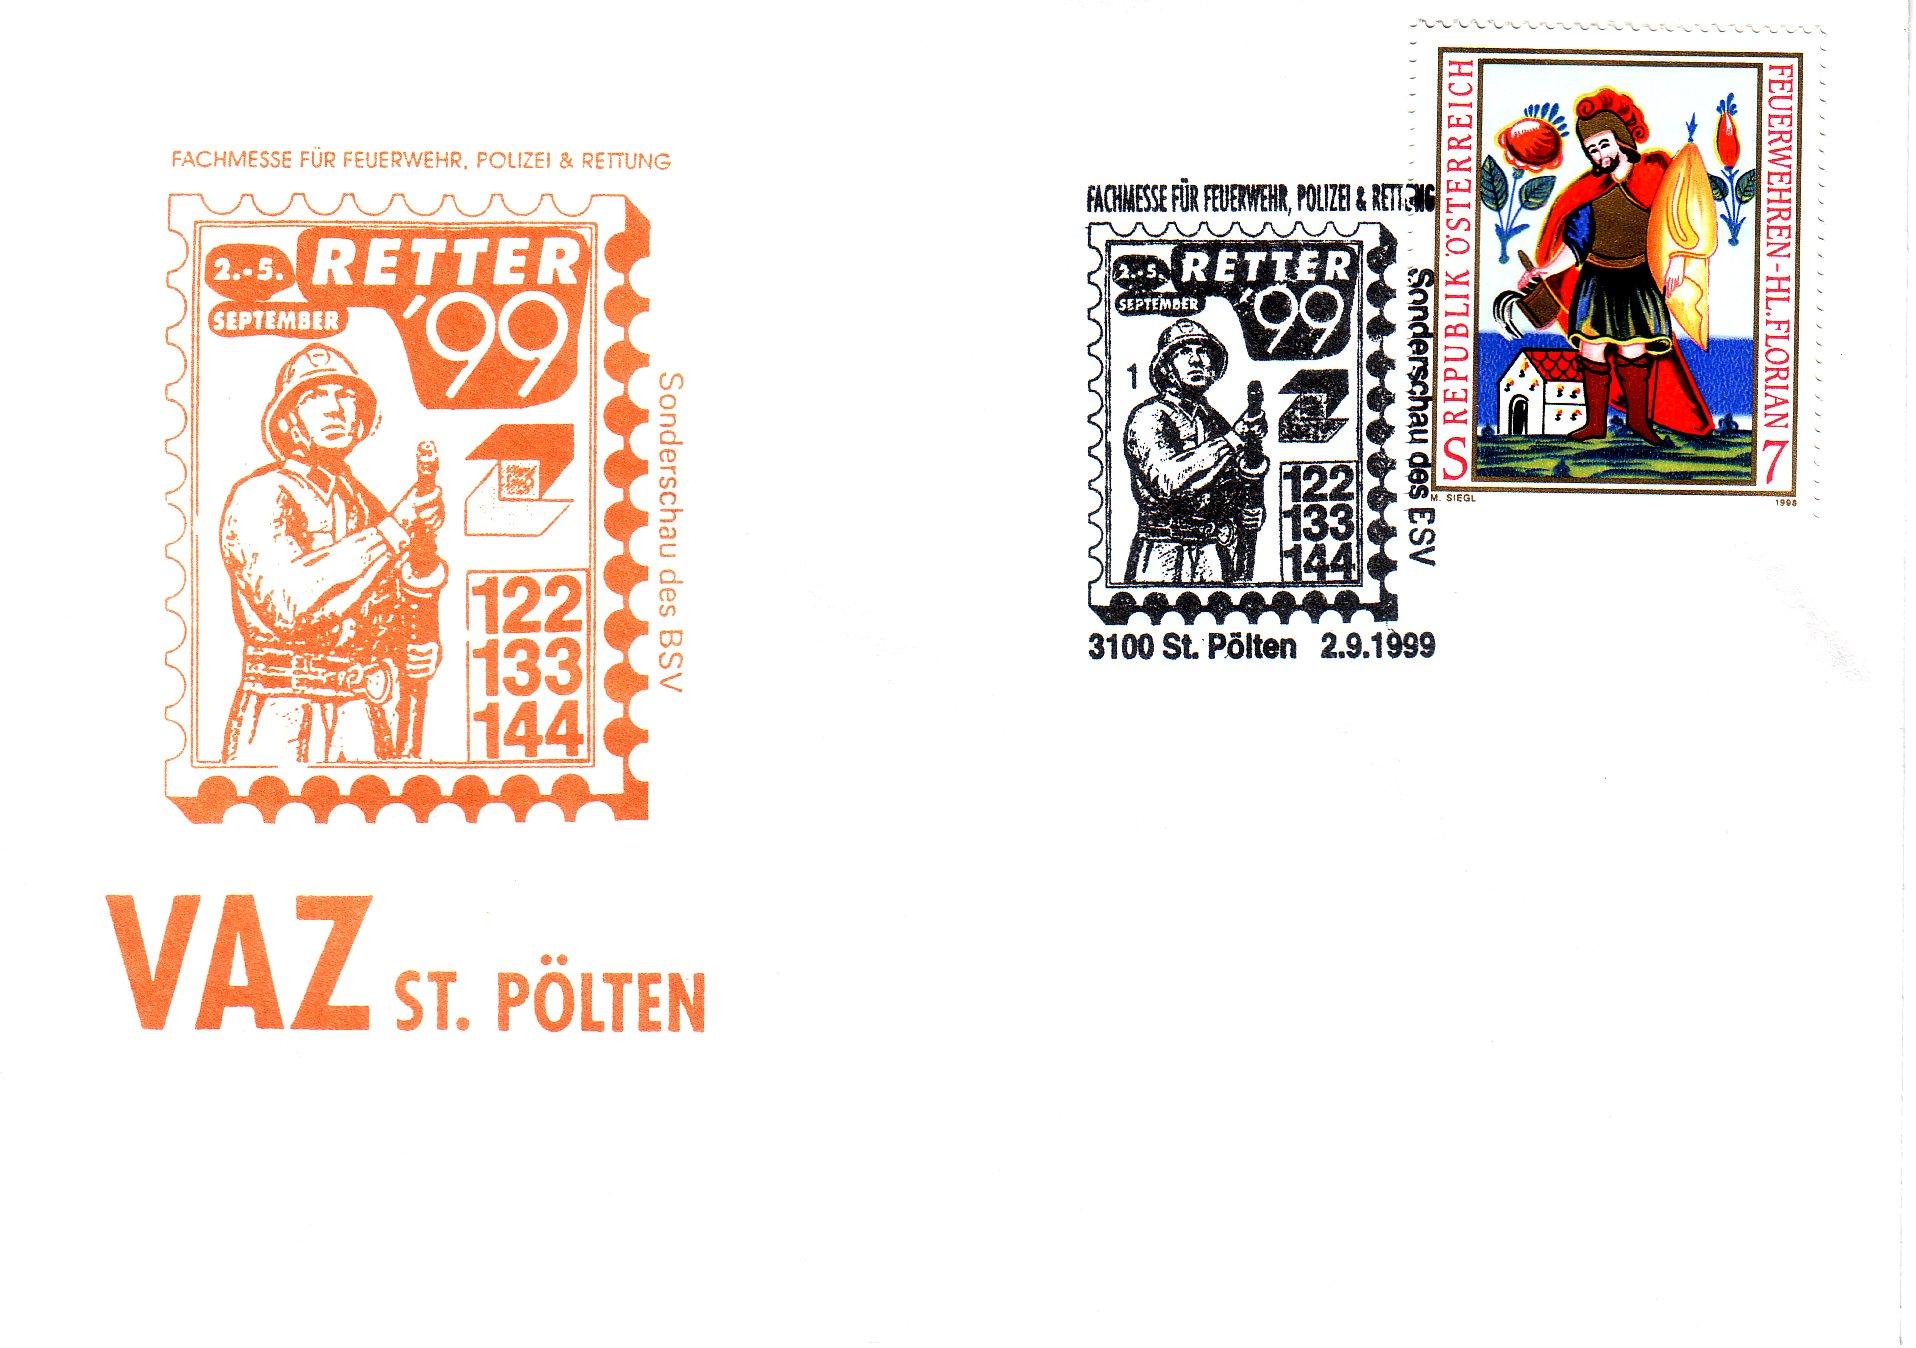 1999 1.-EUR Retter 99